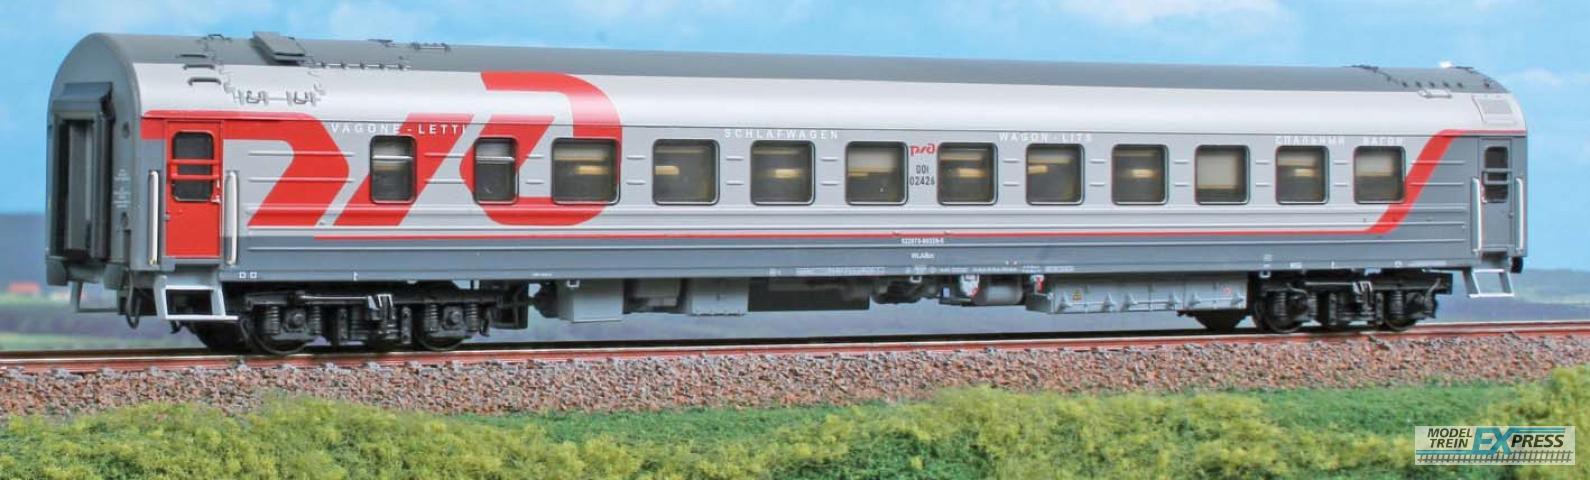 ACME 52108